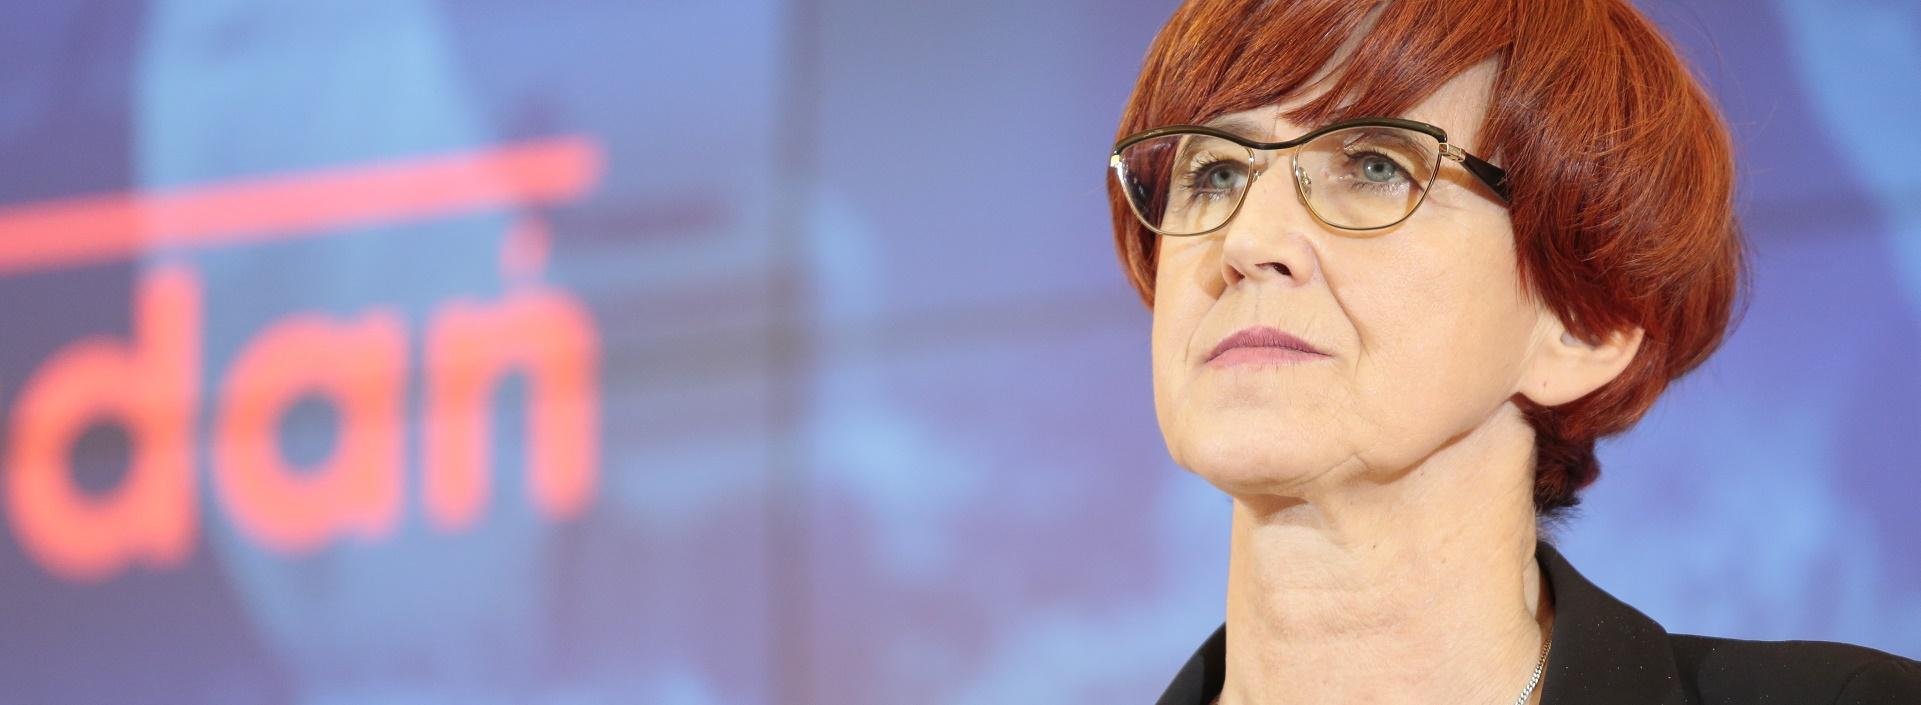 Elżbieta Rafalska: Rząd zaproponuje w 2019 roku nowy mechanizm waloryzacji rent i emerytur